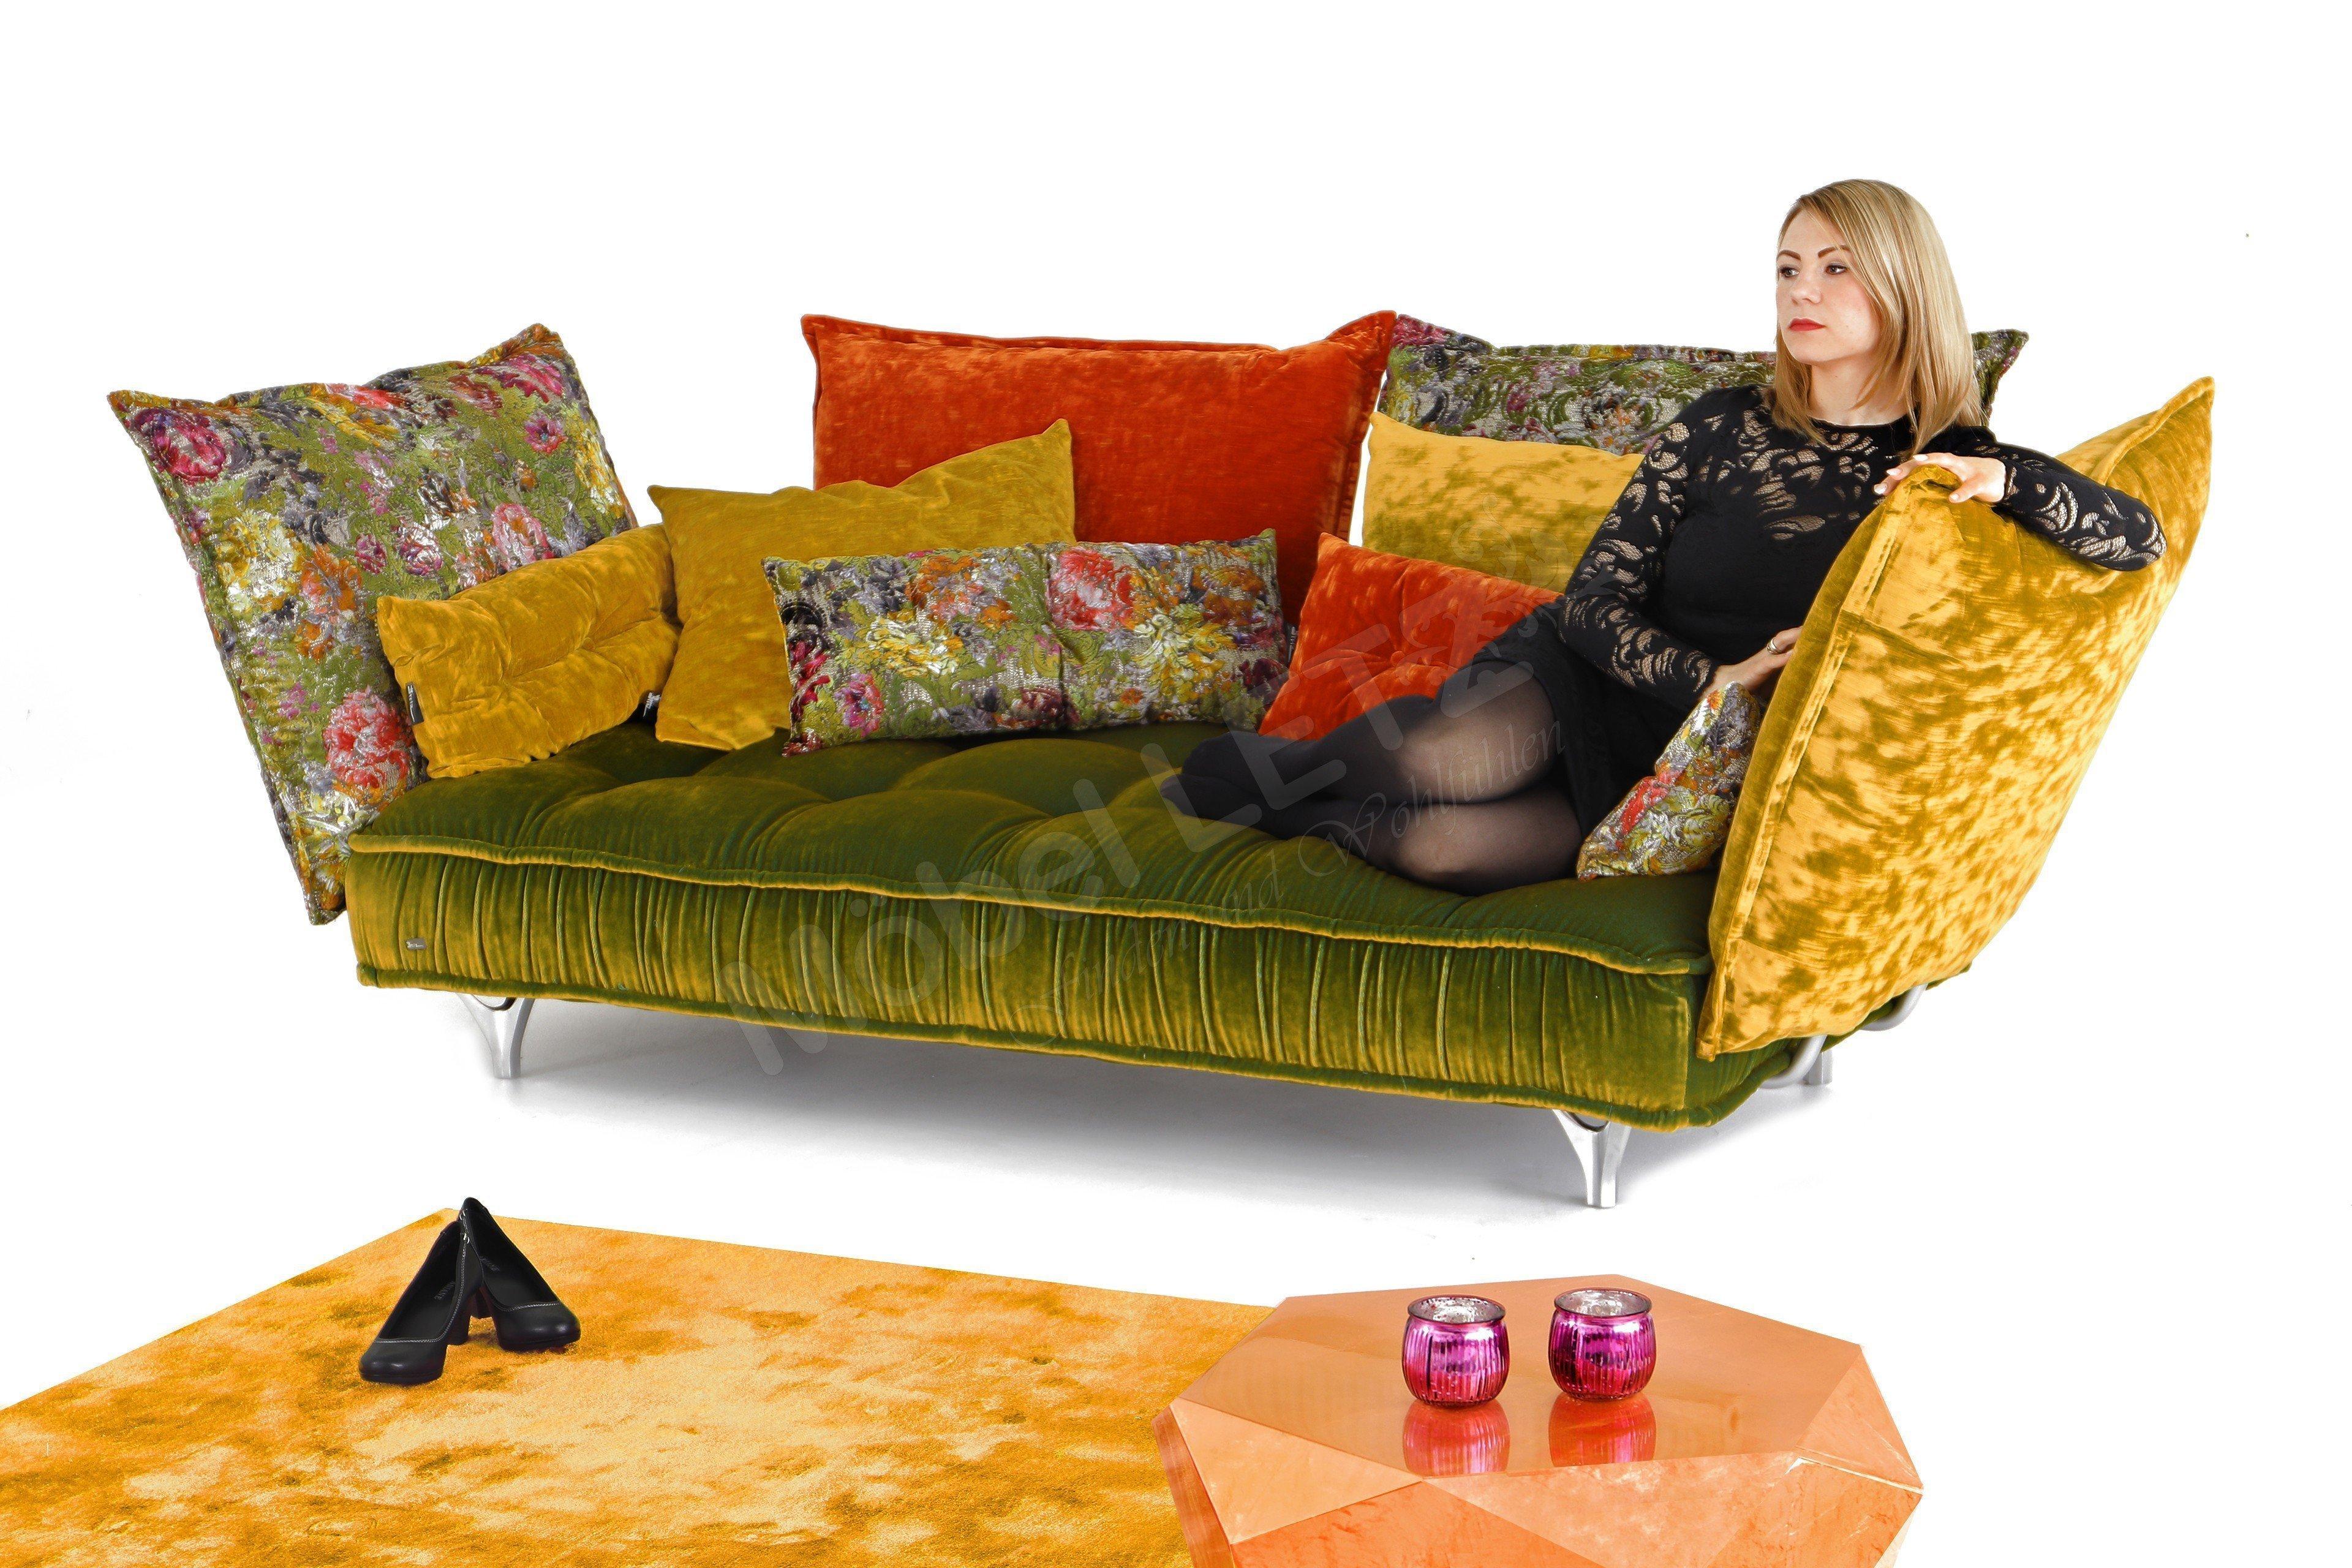 bretz ohlinda ecksofa oliv orange gold m bel letz ihr online shop. Black Bedroom Furniture Sets. Home Design Ideas